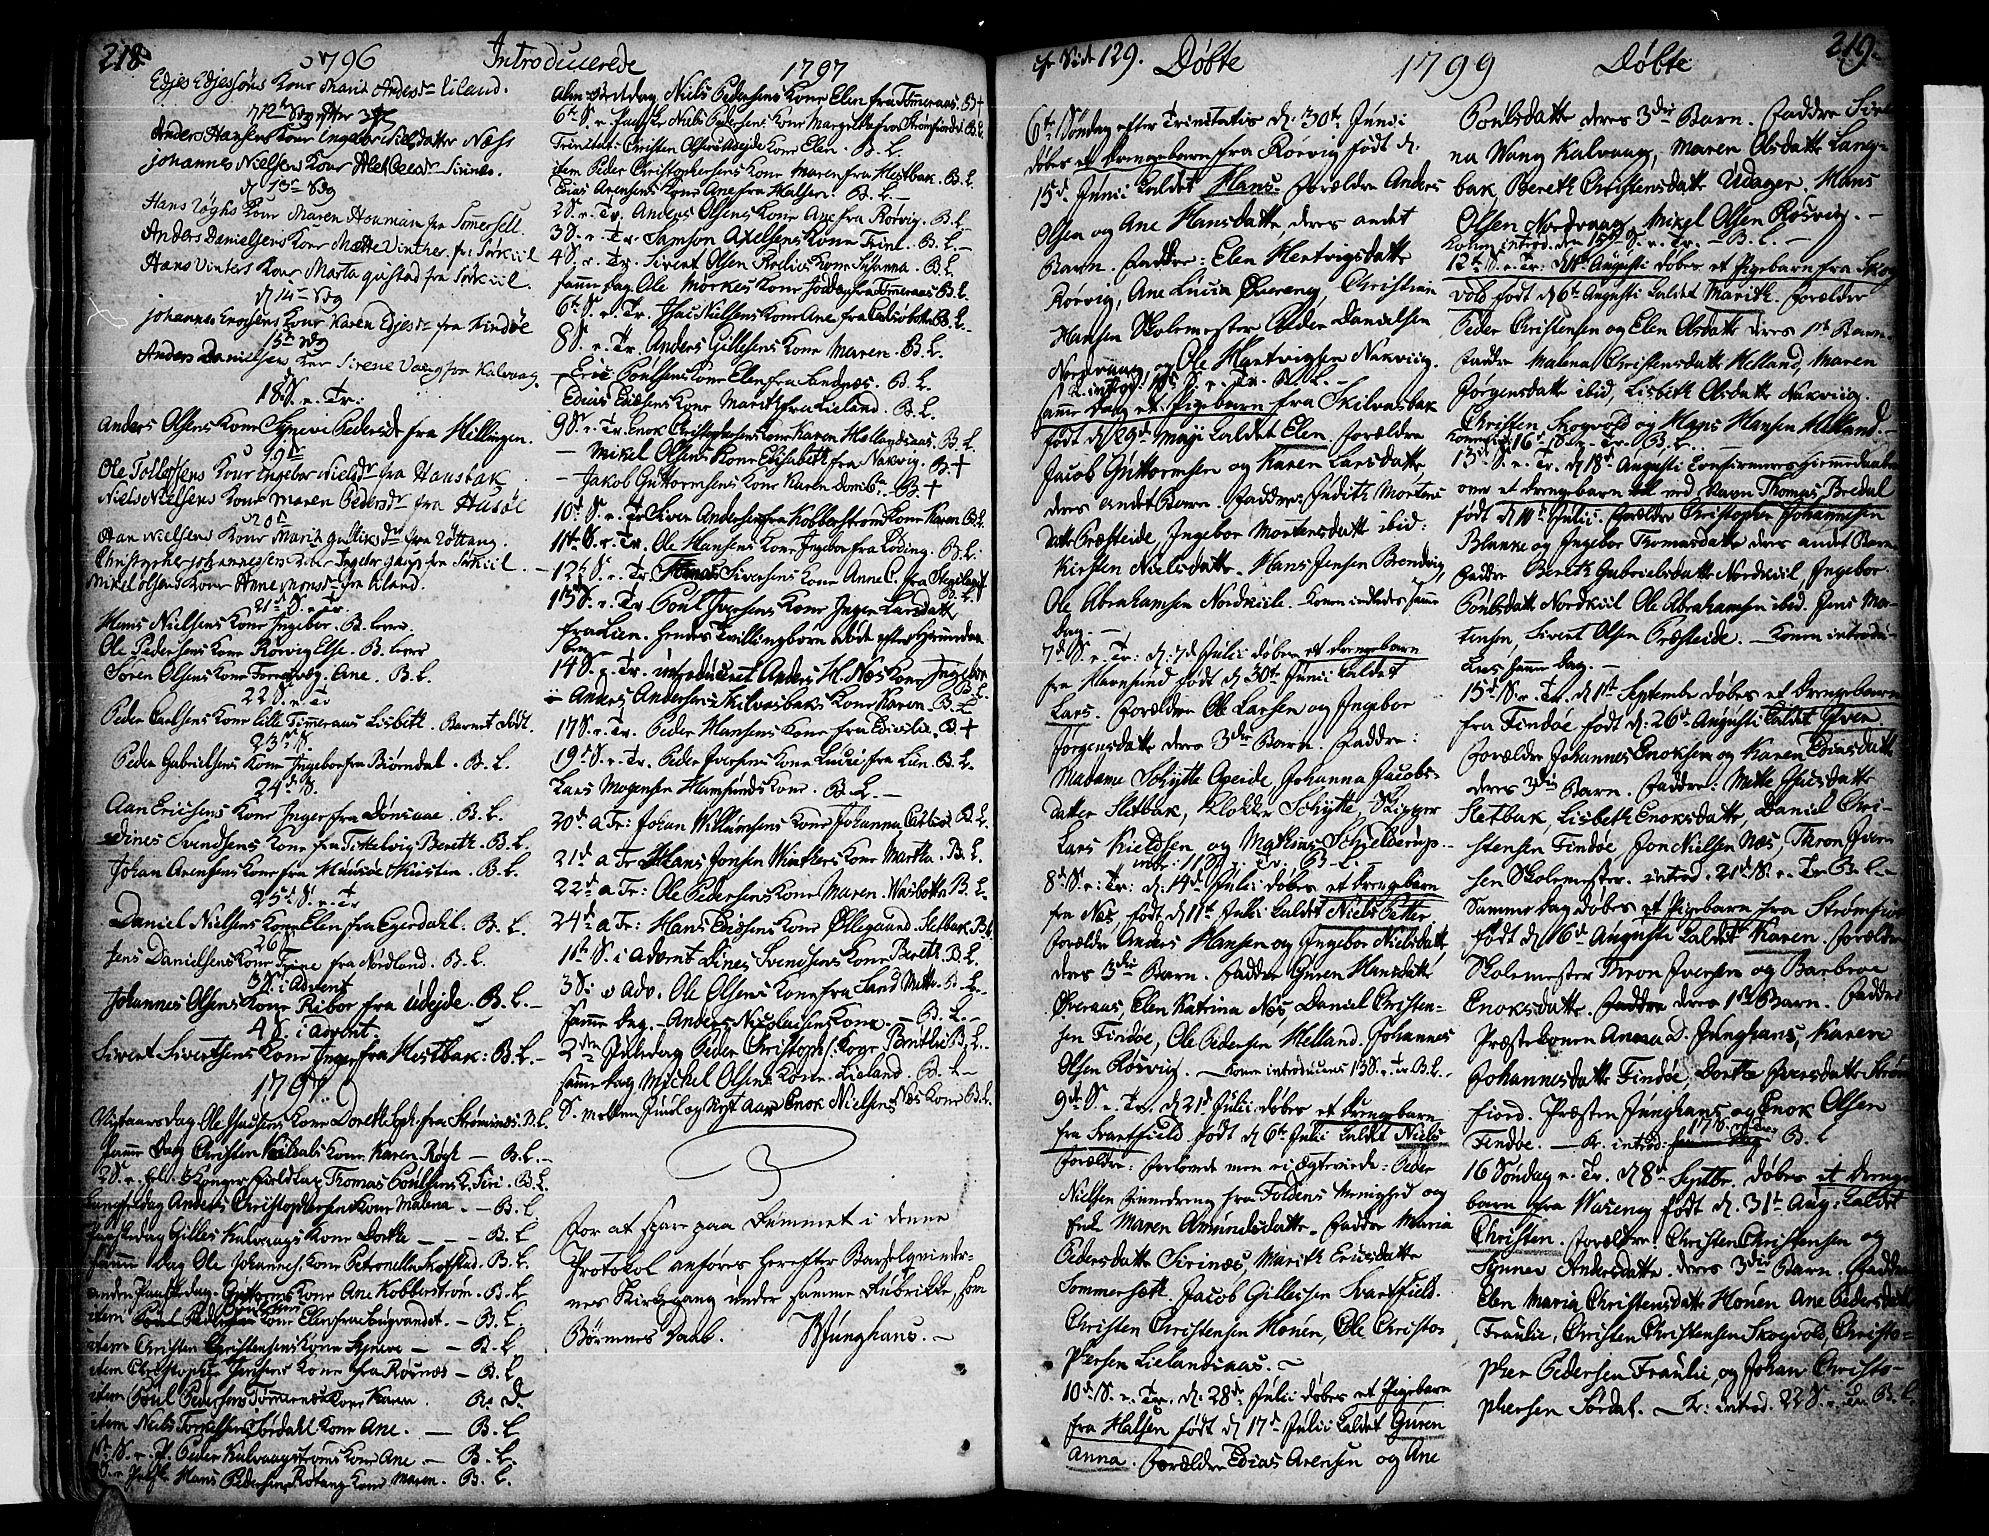 SAT, Ministerialprotokoller, klokkerbøker og fødselsregistre - Nordland, 859/L0841: Parish register (official) no. 859A01, 1766-1821, p. 218-219